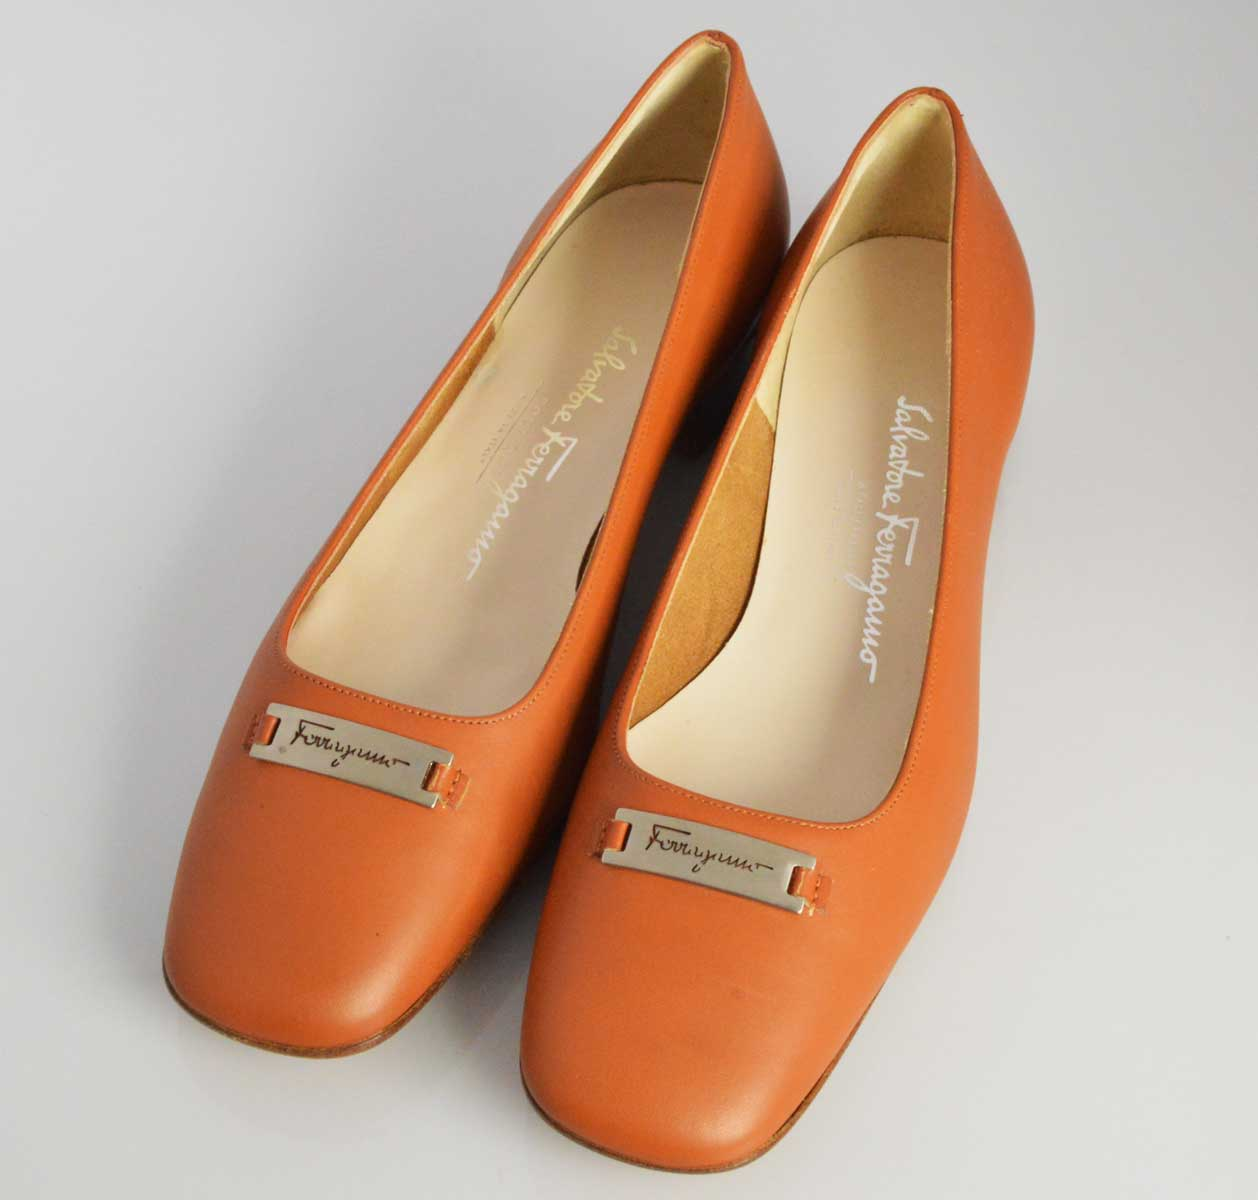 (1820) 【その他】 フェラガモ レザー パンプス 6 1/2 ライトブラウン [靴] 【中古】